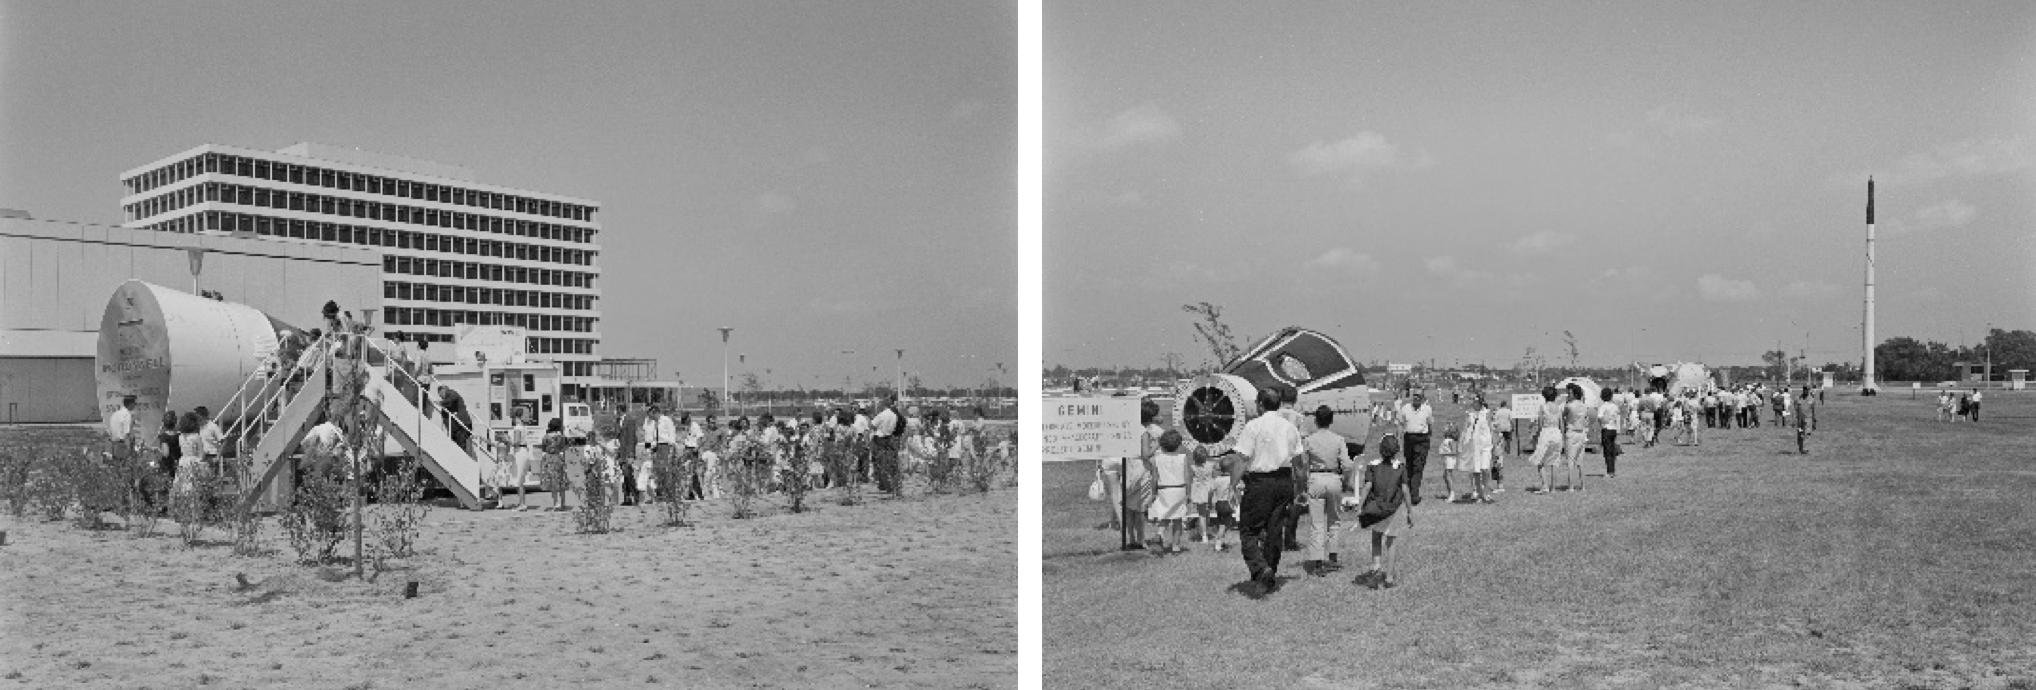 1964: NASA's First Open House in Houston   NASA